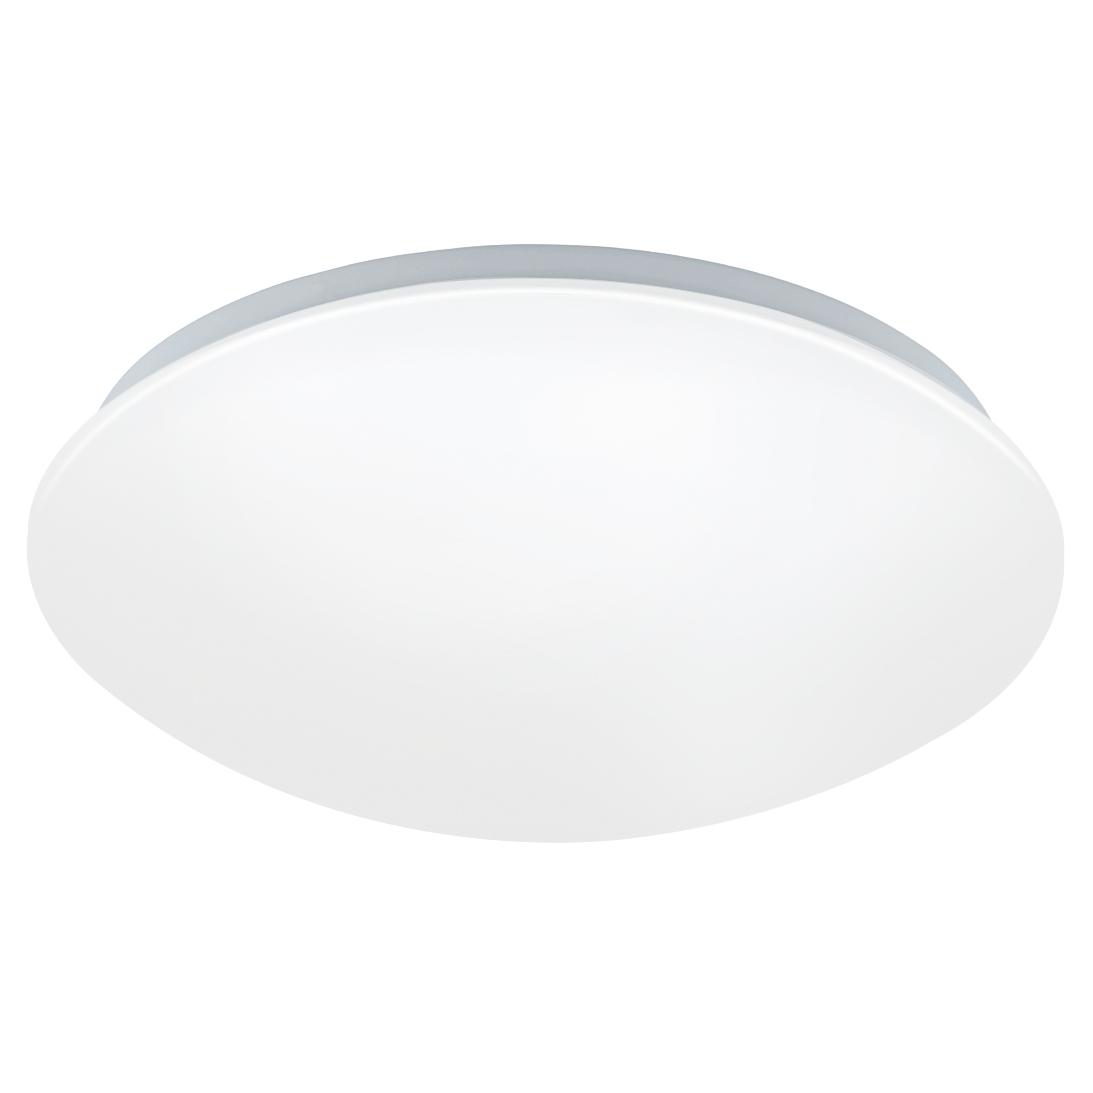 Светильник настенно-потолочный GIRON-M EGLO 97102 - Фото №28